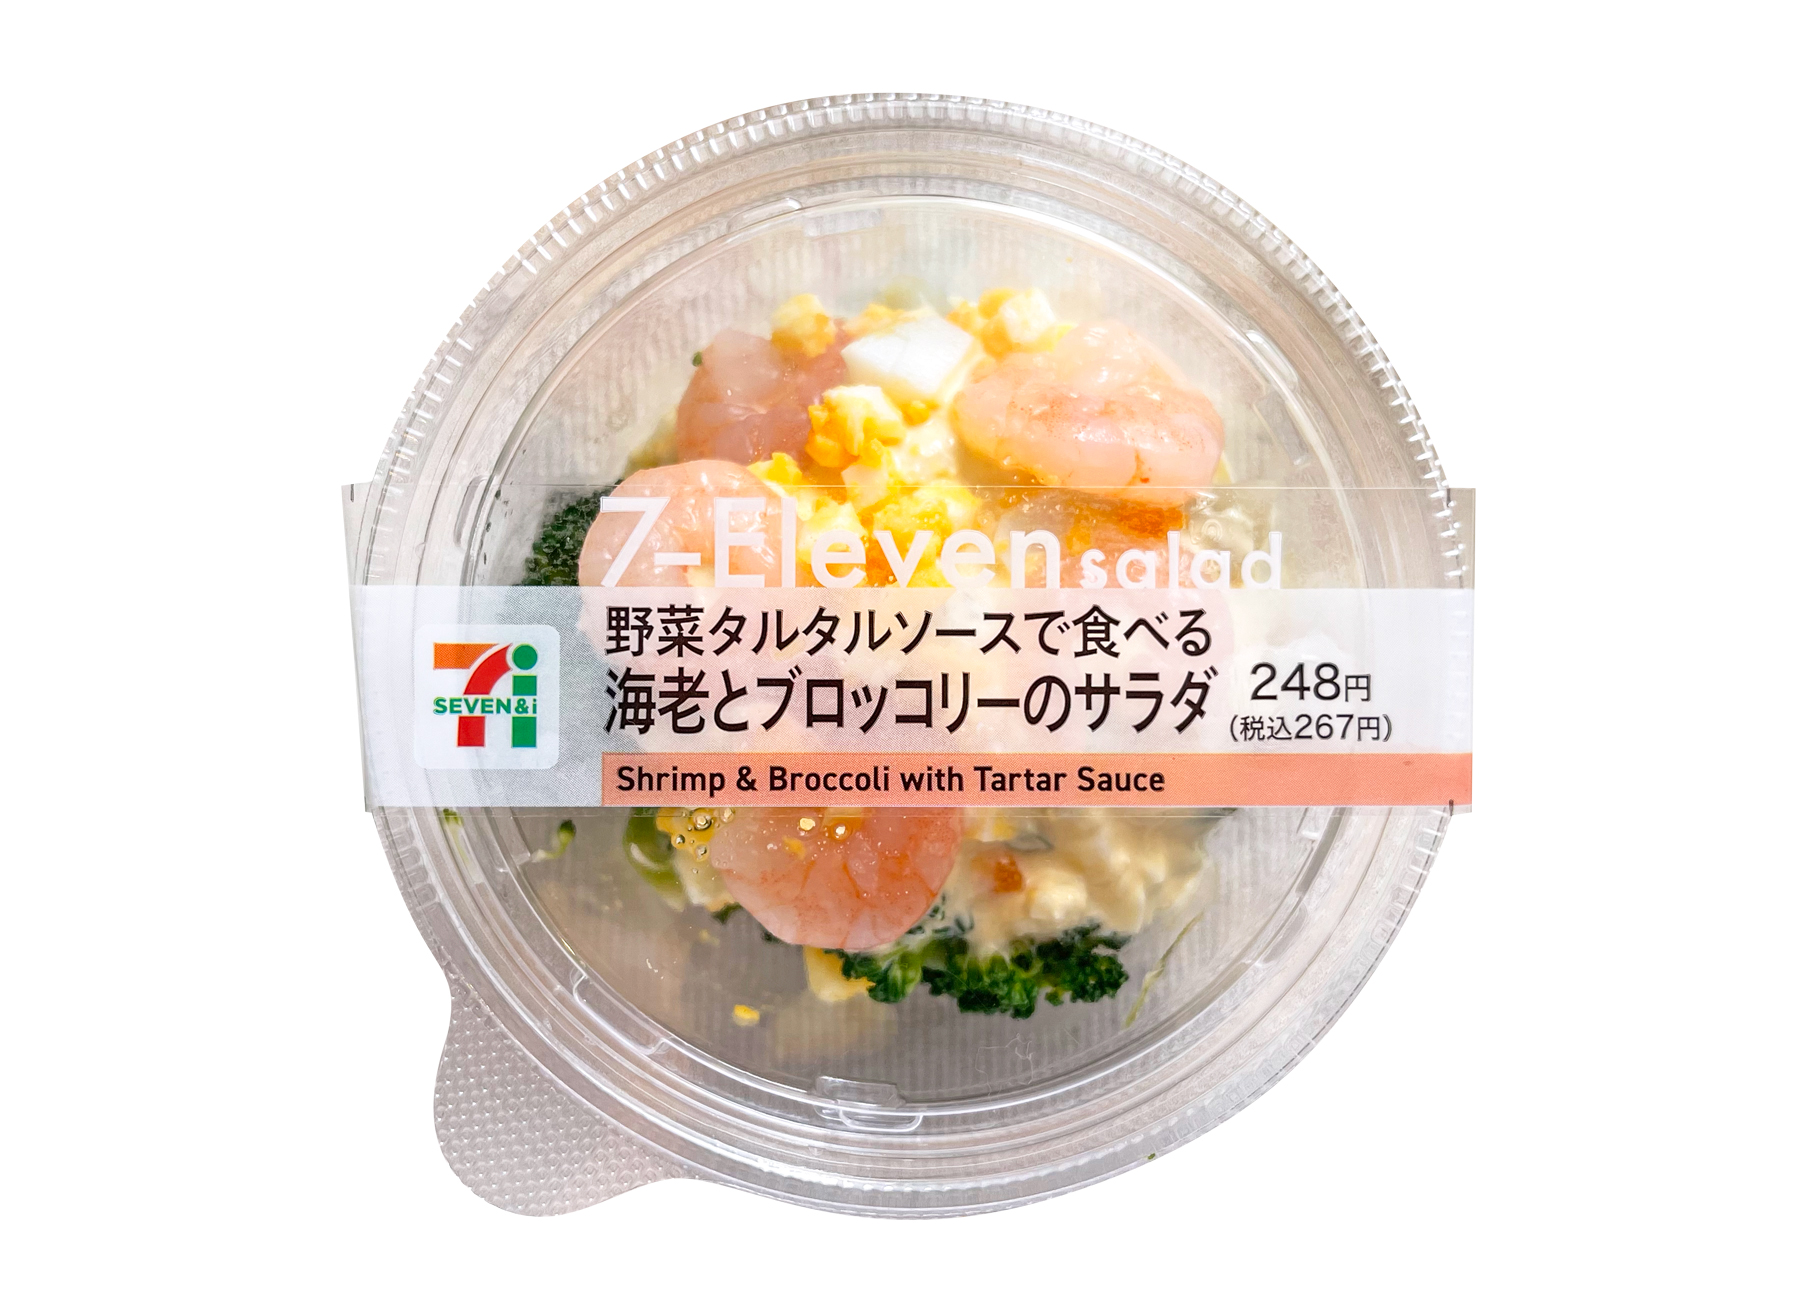 セブン-イレブン『野菜タルタルソースで食べる海老とブロッコリーのサラダ』